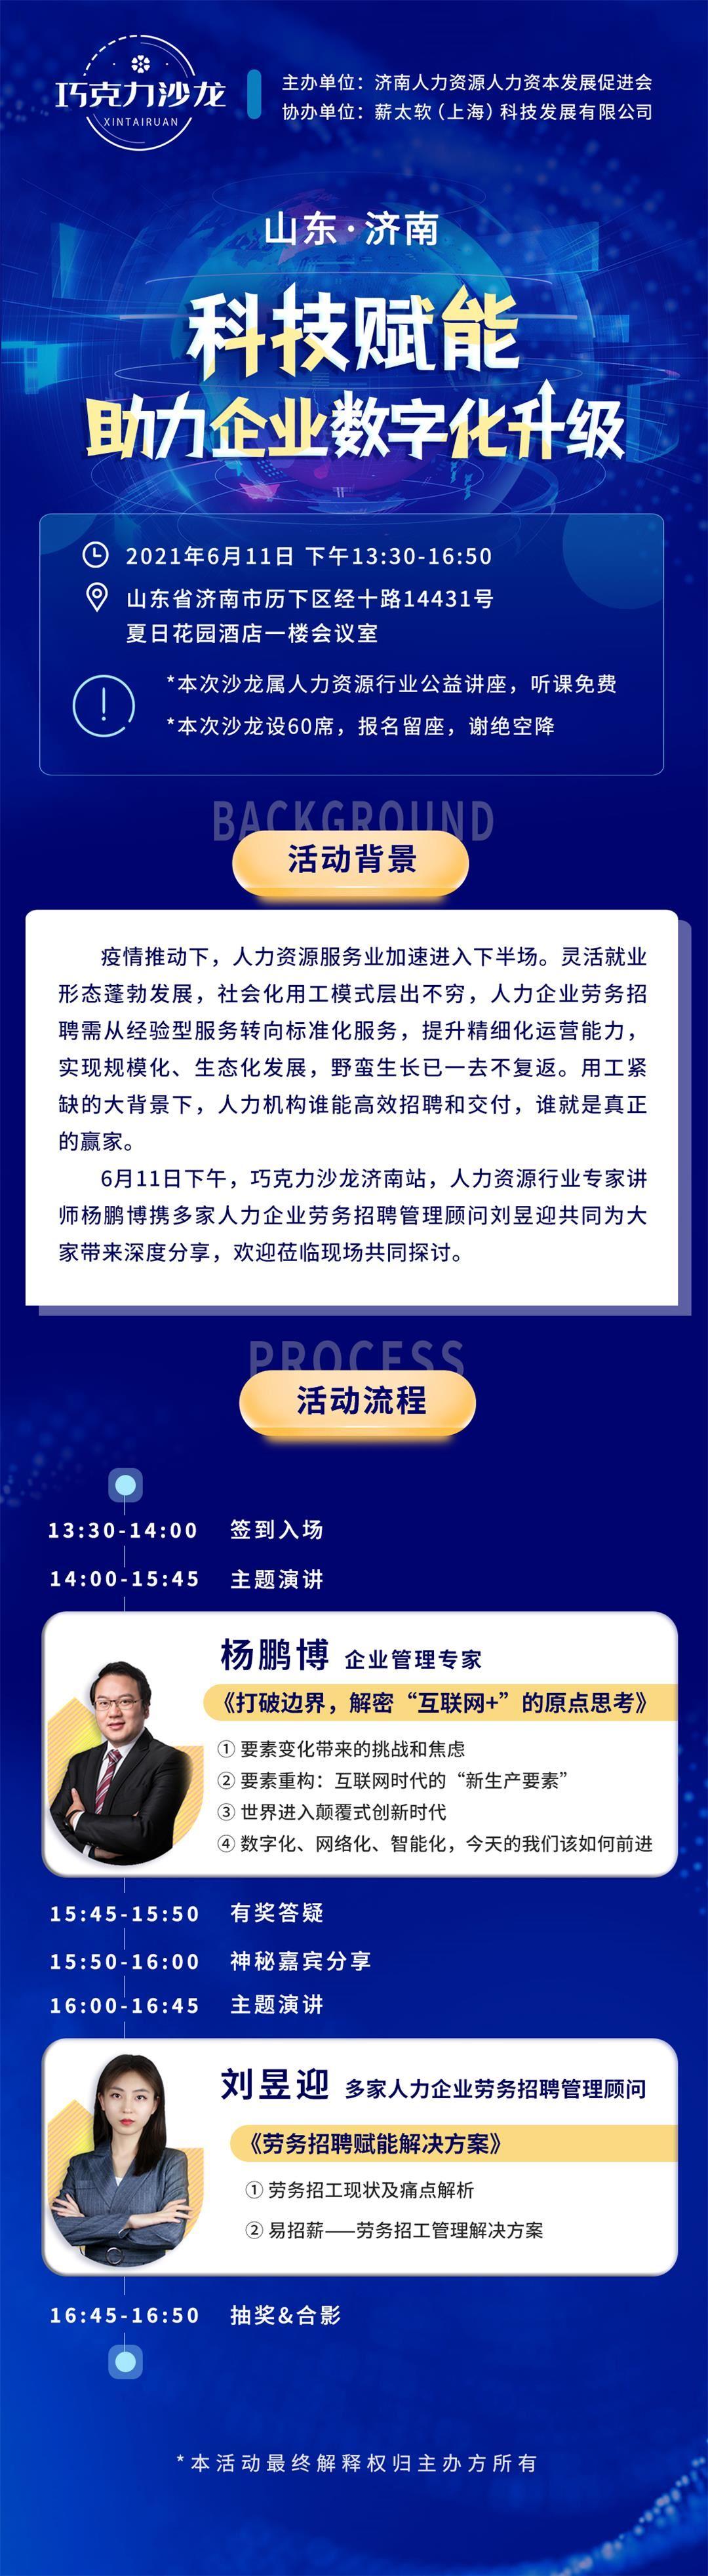 20210611巧克力沙龙济南站-互动吧详情图.jpg